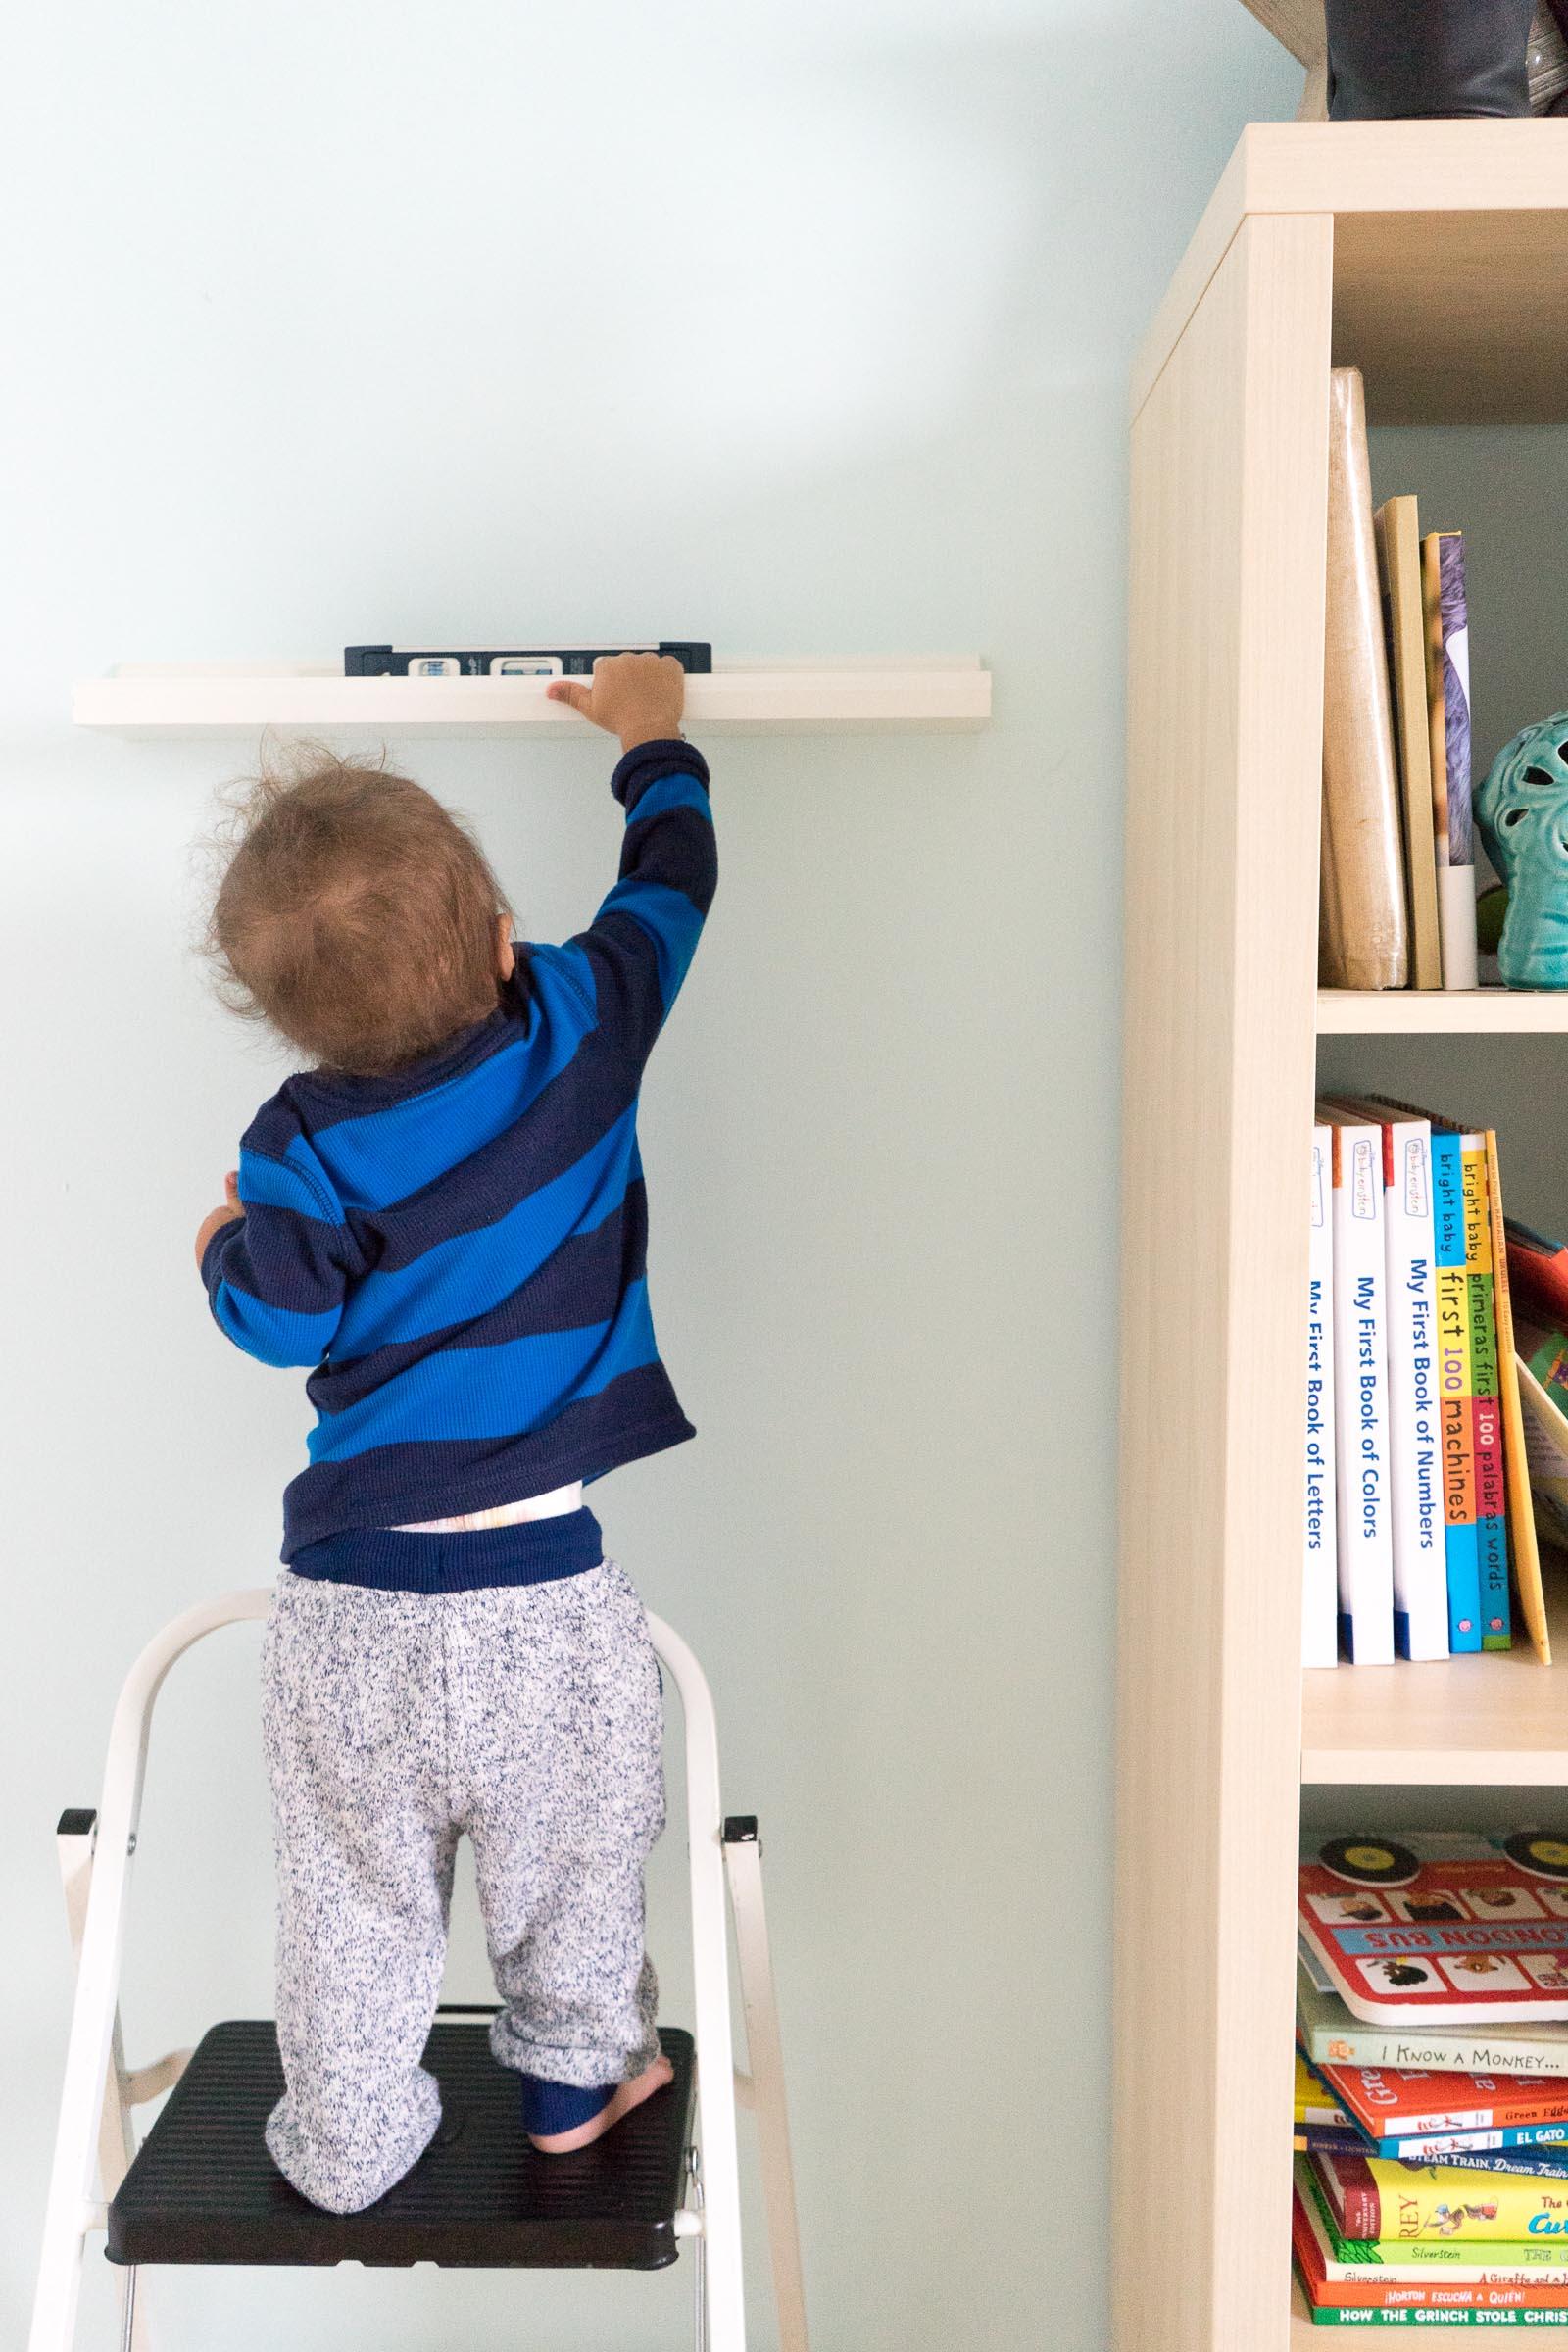 nursery-room_toddler-books_DIY_-book-display-8.jpg